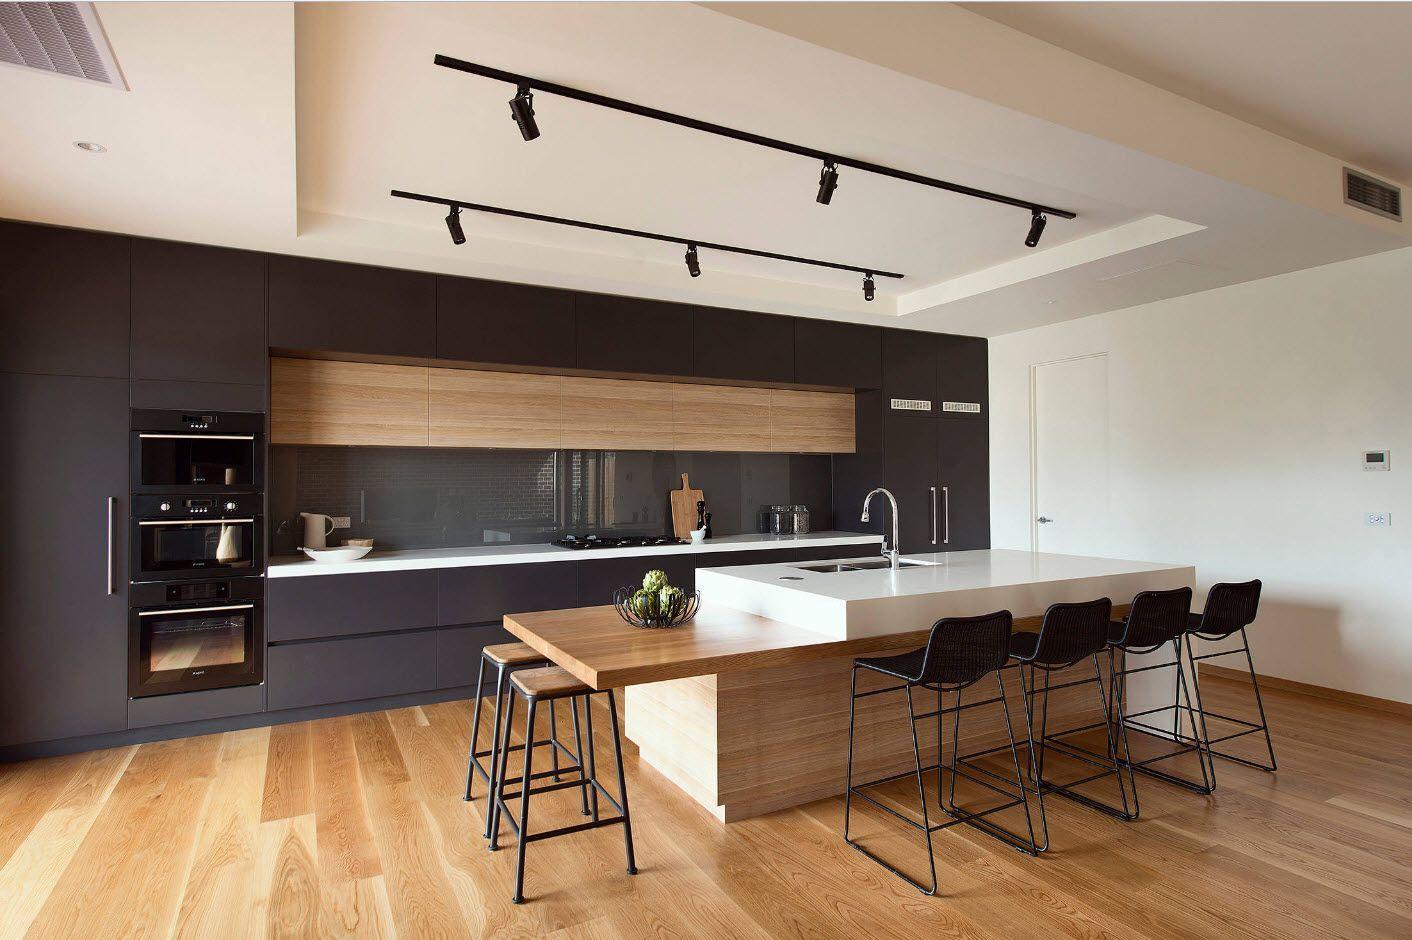 Modern pastel interior with dark accents